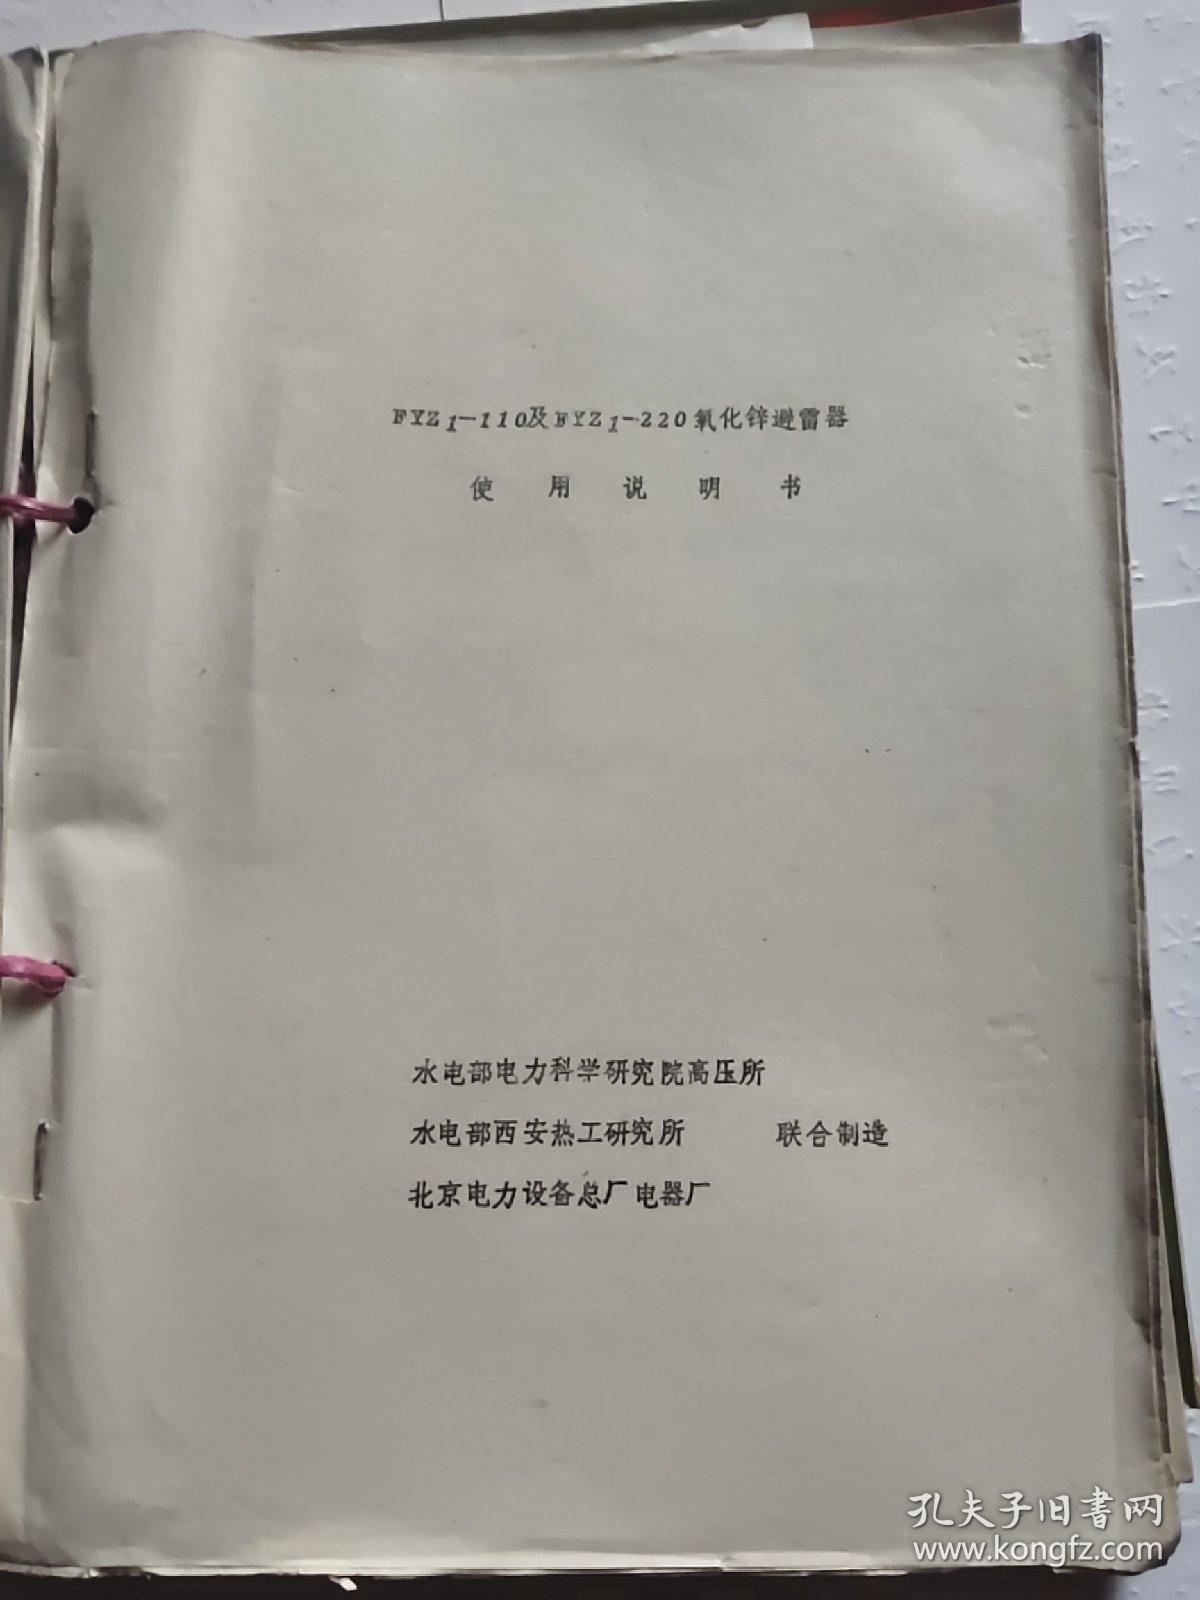 FYZ1-110及FYZ1-220氧化锌避雷器使用说明书